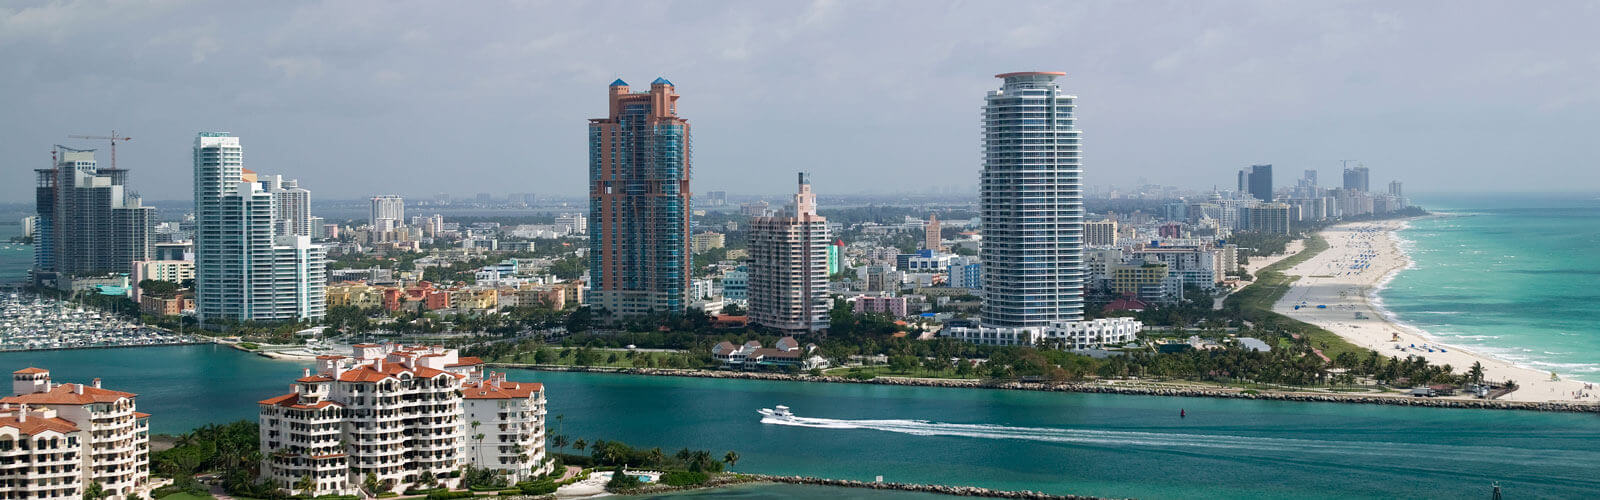 DLP-Miami